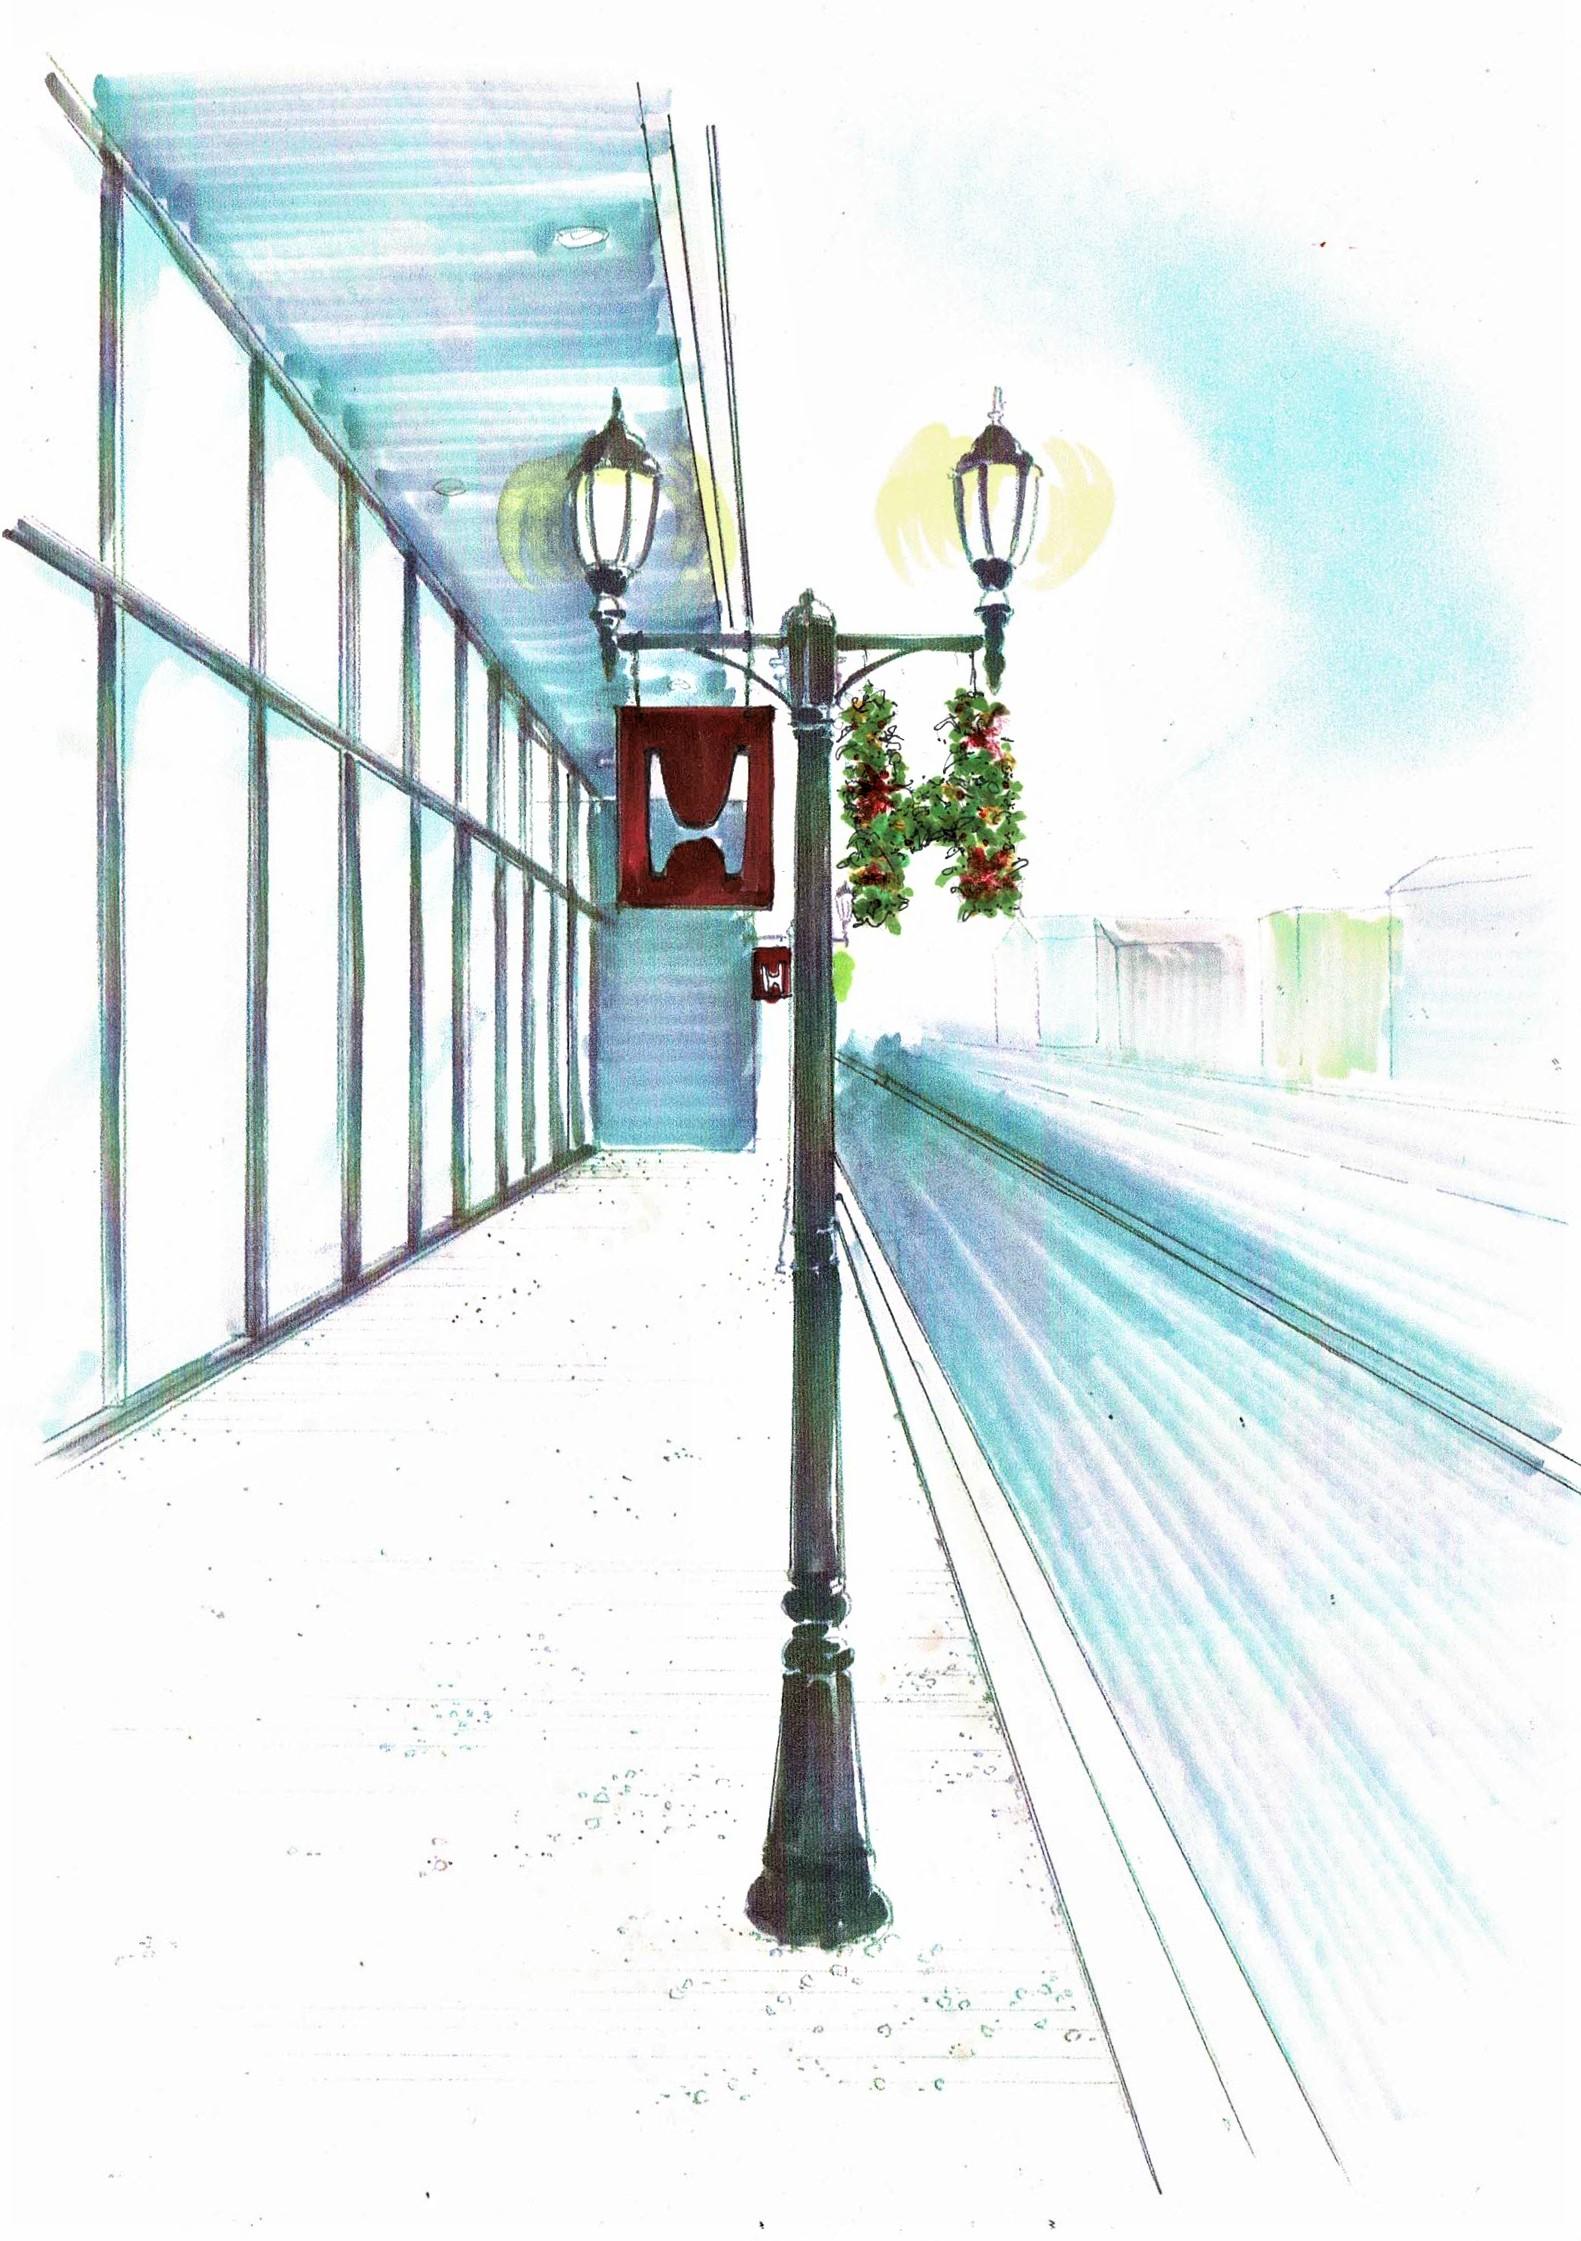 ホンダカーズ一宮店 街灯ポール装飾クリスマスver